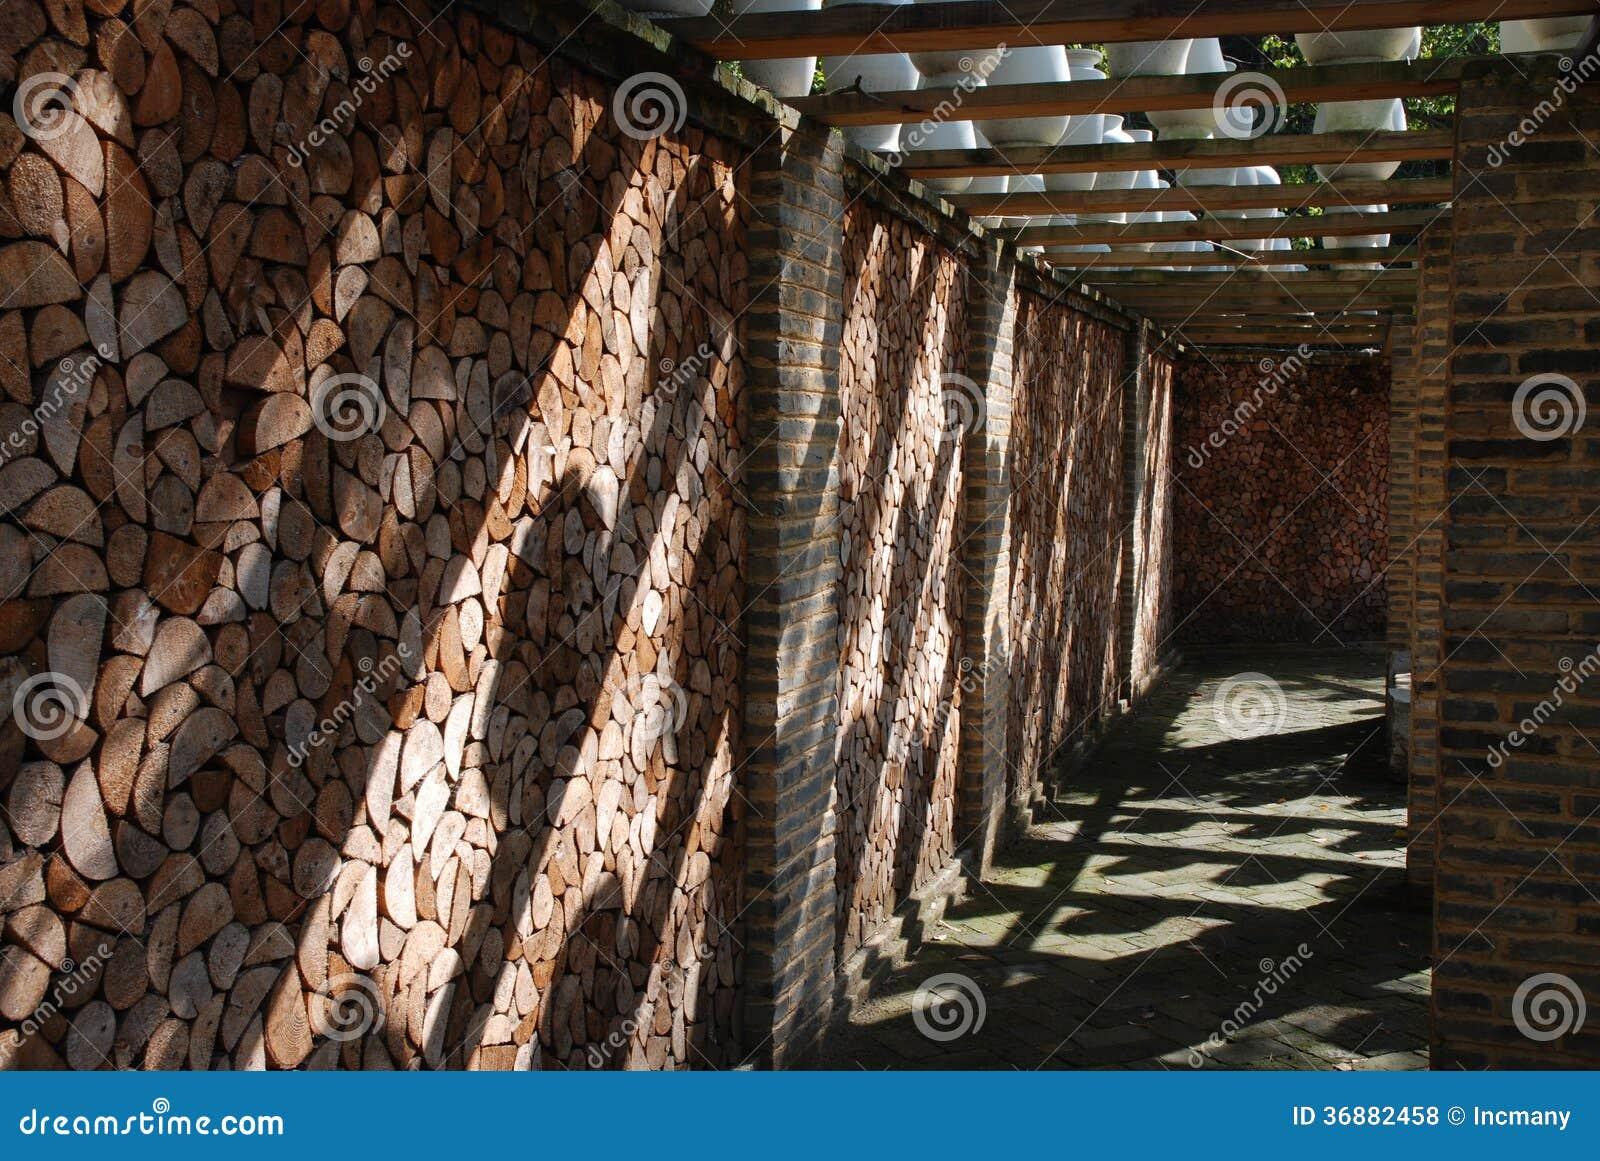 Download Corridoio fotografia stock. Immagine di bianco, firewood - 36882458